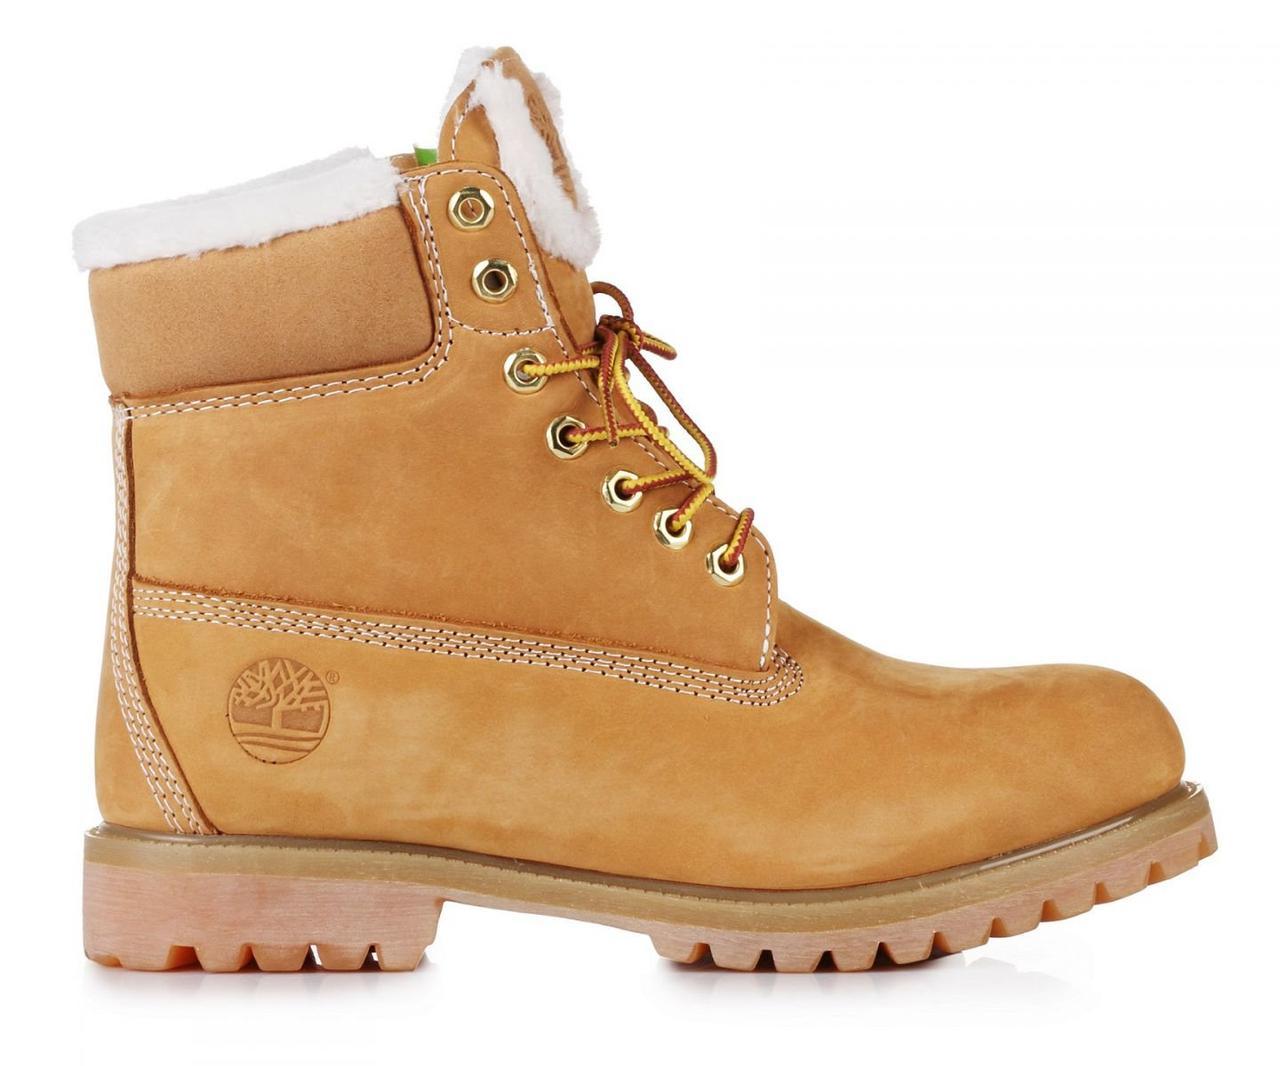 Оригинальные женские ботинки Тимберленд original Classic 6 inch Yellow Winter Fur рыжие оригинал